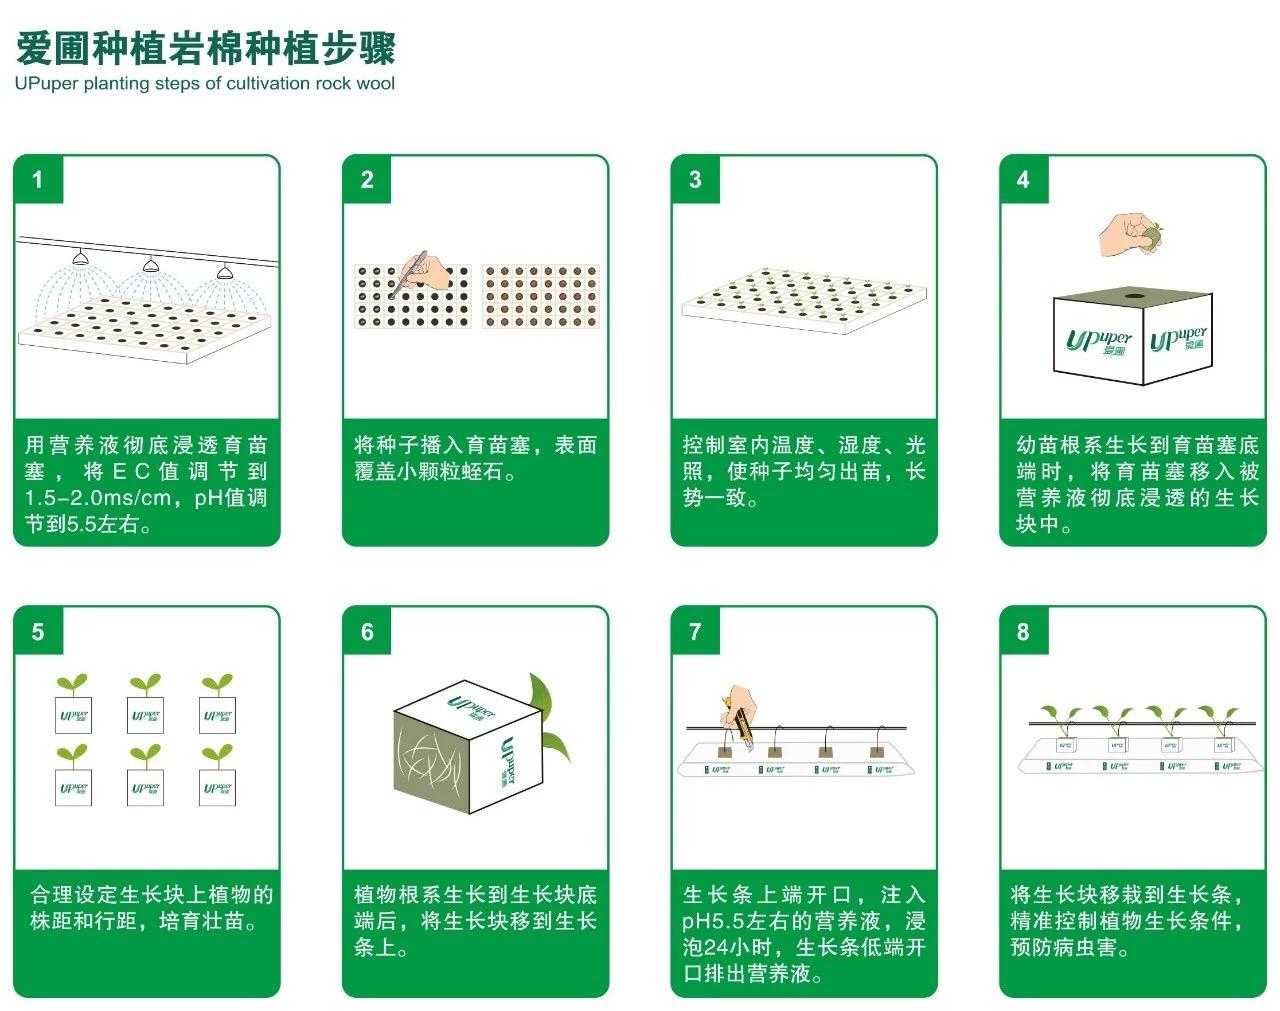 爱圃农用岩棉生长步骤图